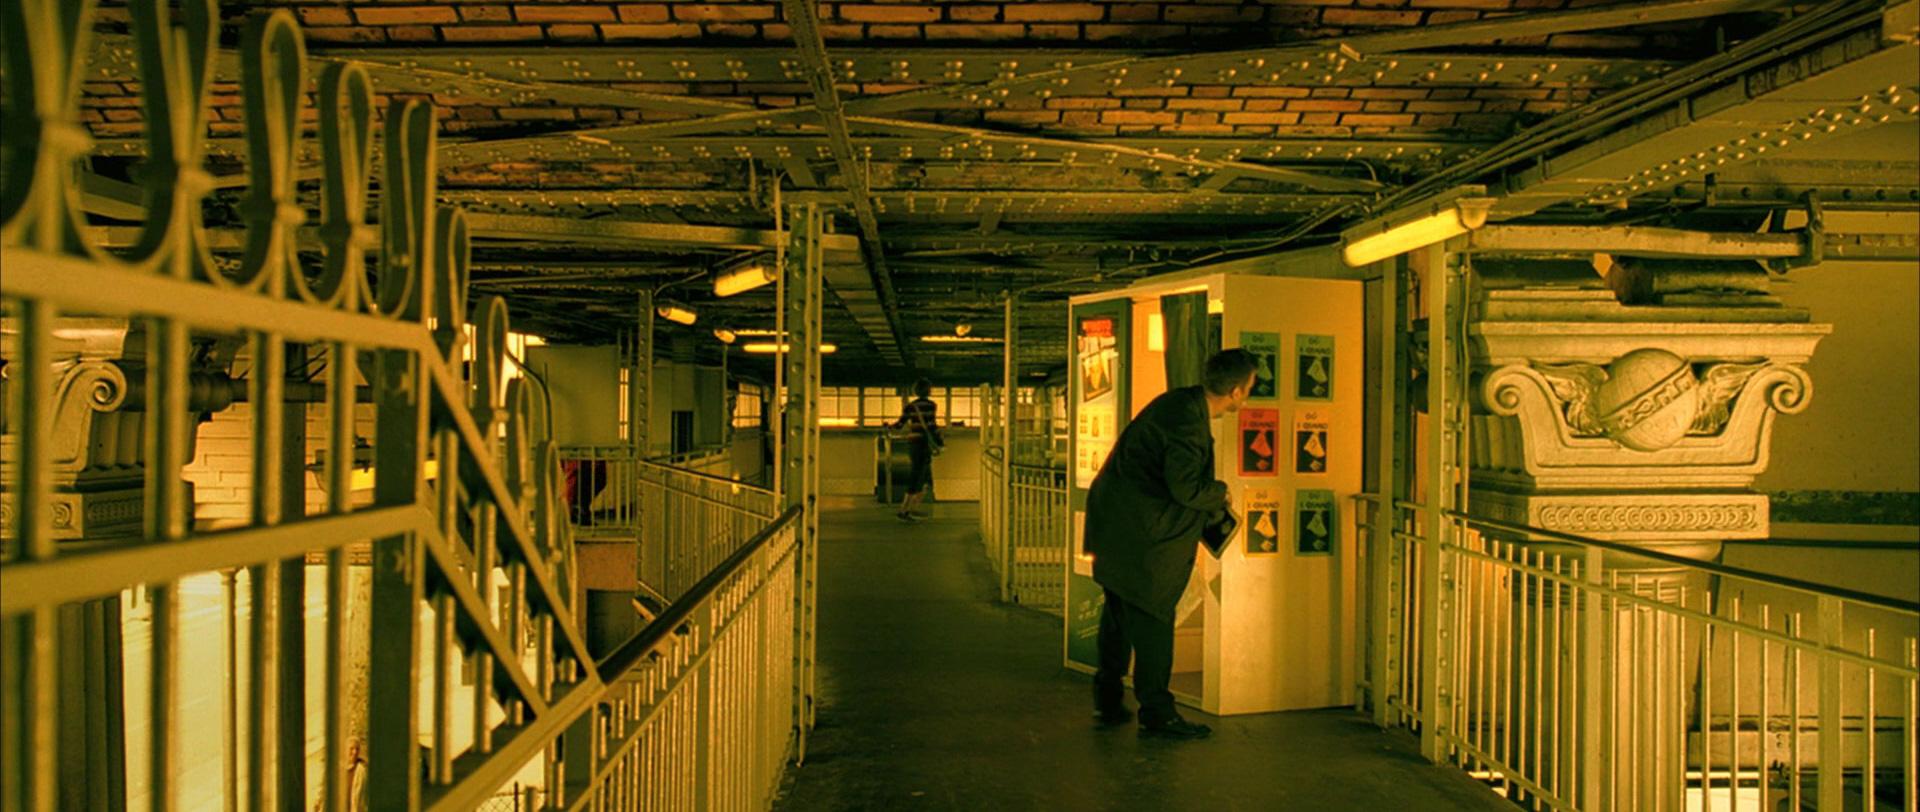 Amelie Poulain film locations Montmartre Paris France travel Metro Barbes Rochechouart